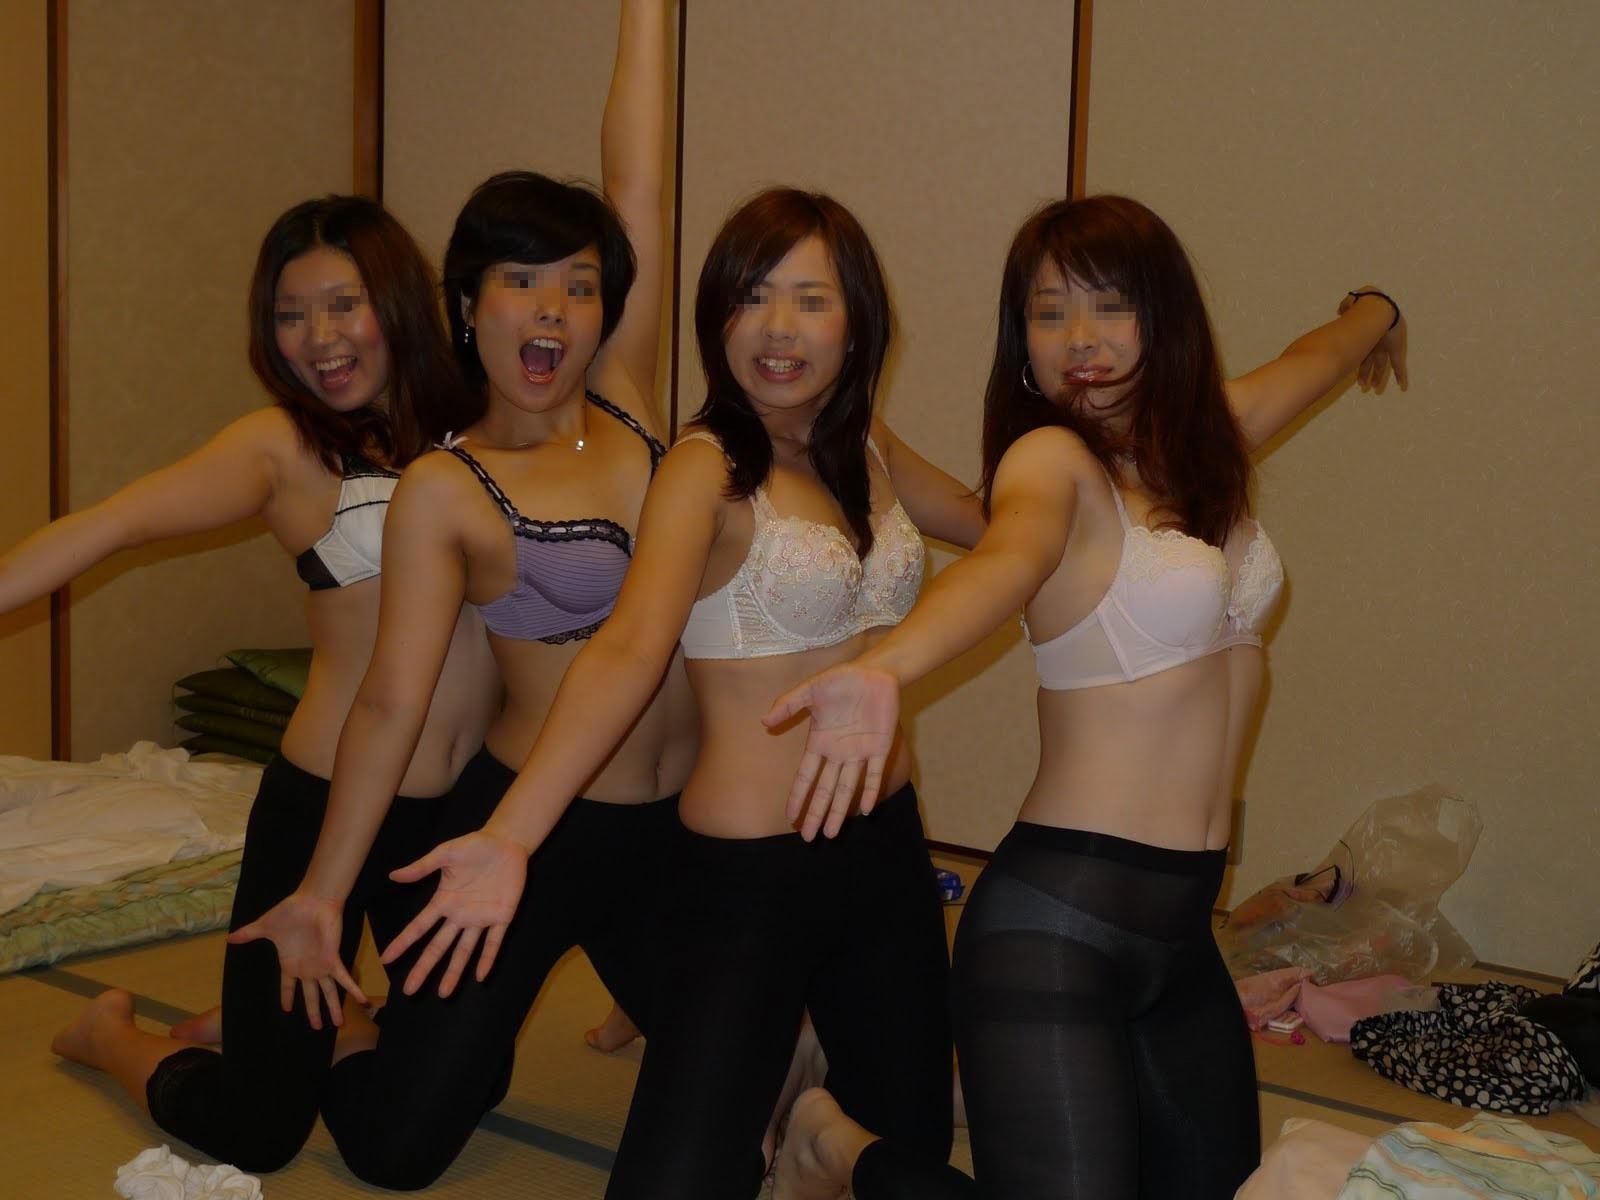 素人達の大胆なおふざけ画像www女の子同士ではしゃぐとすぐお尻を出す件www 1403